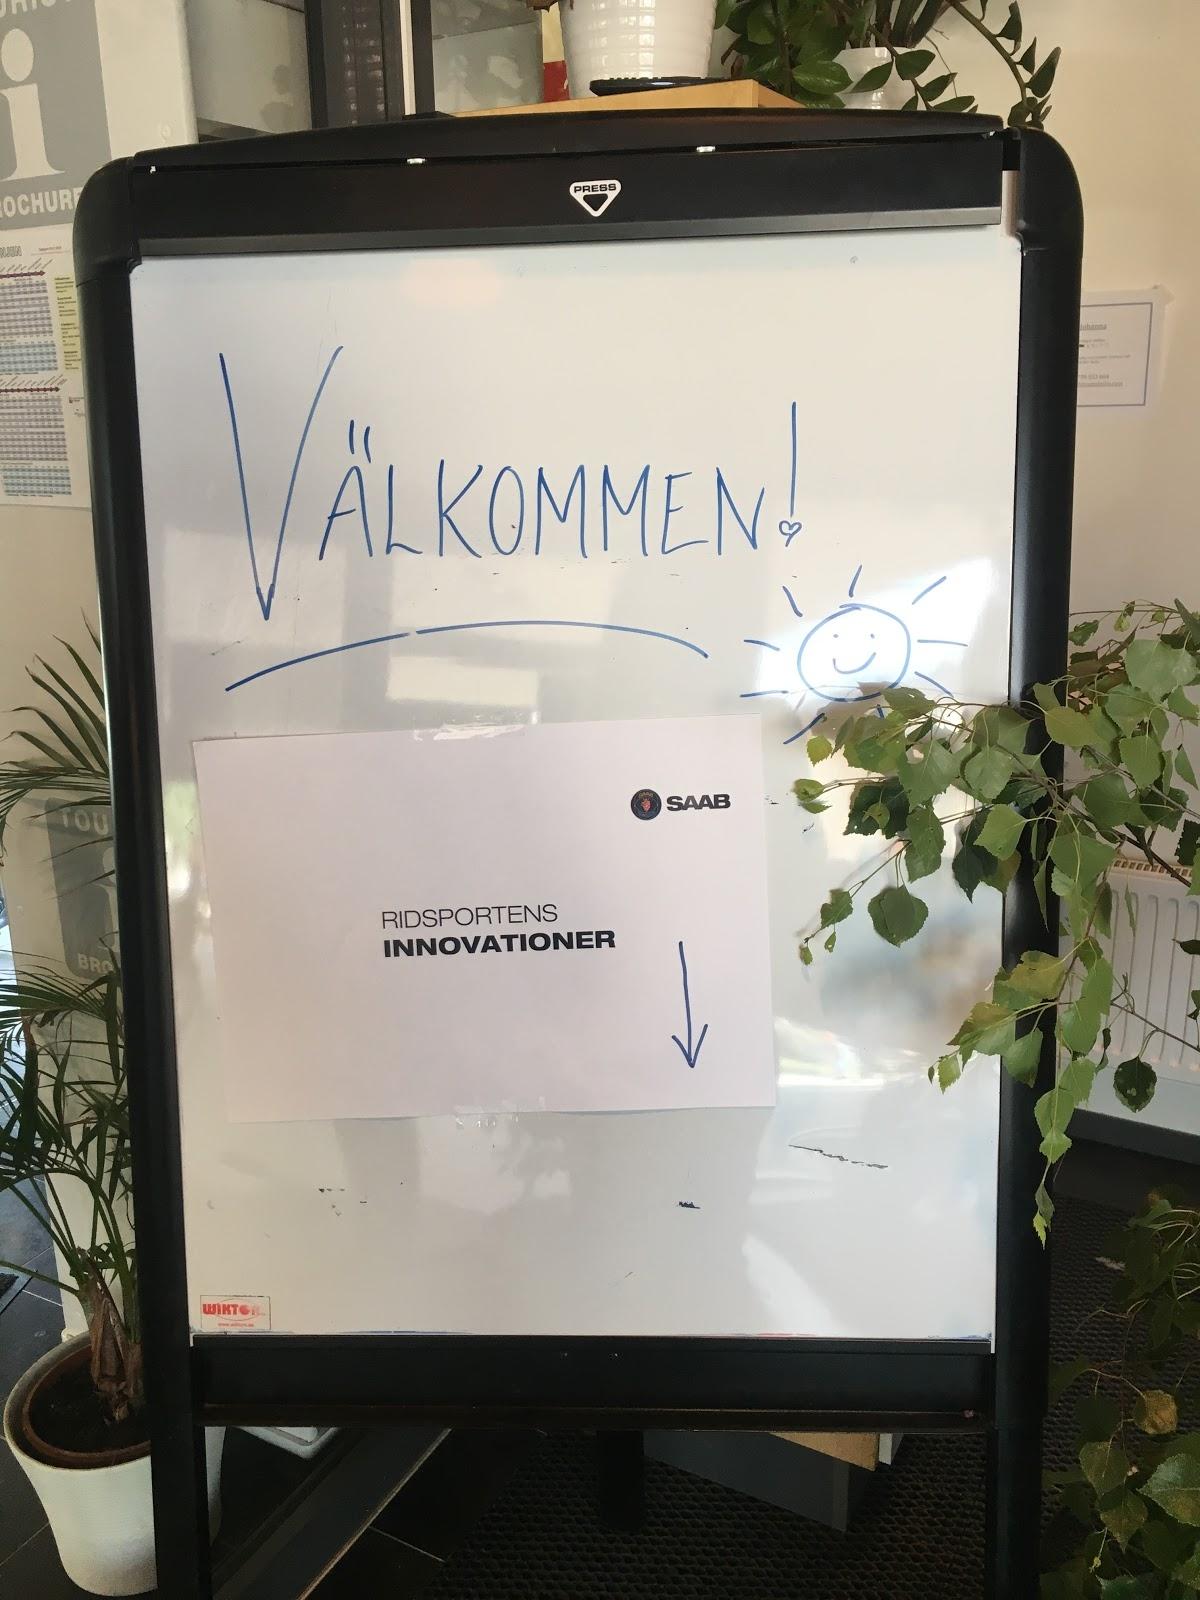 Strömsholm Välkommen.jpg